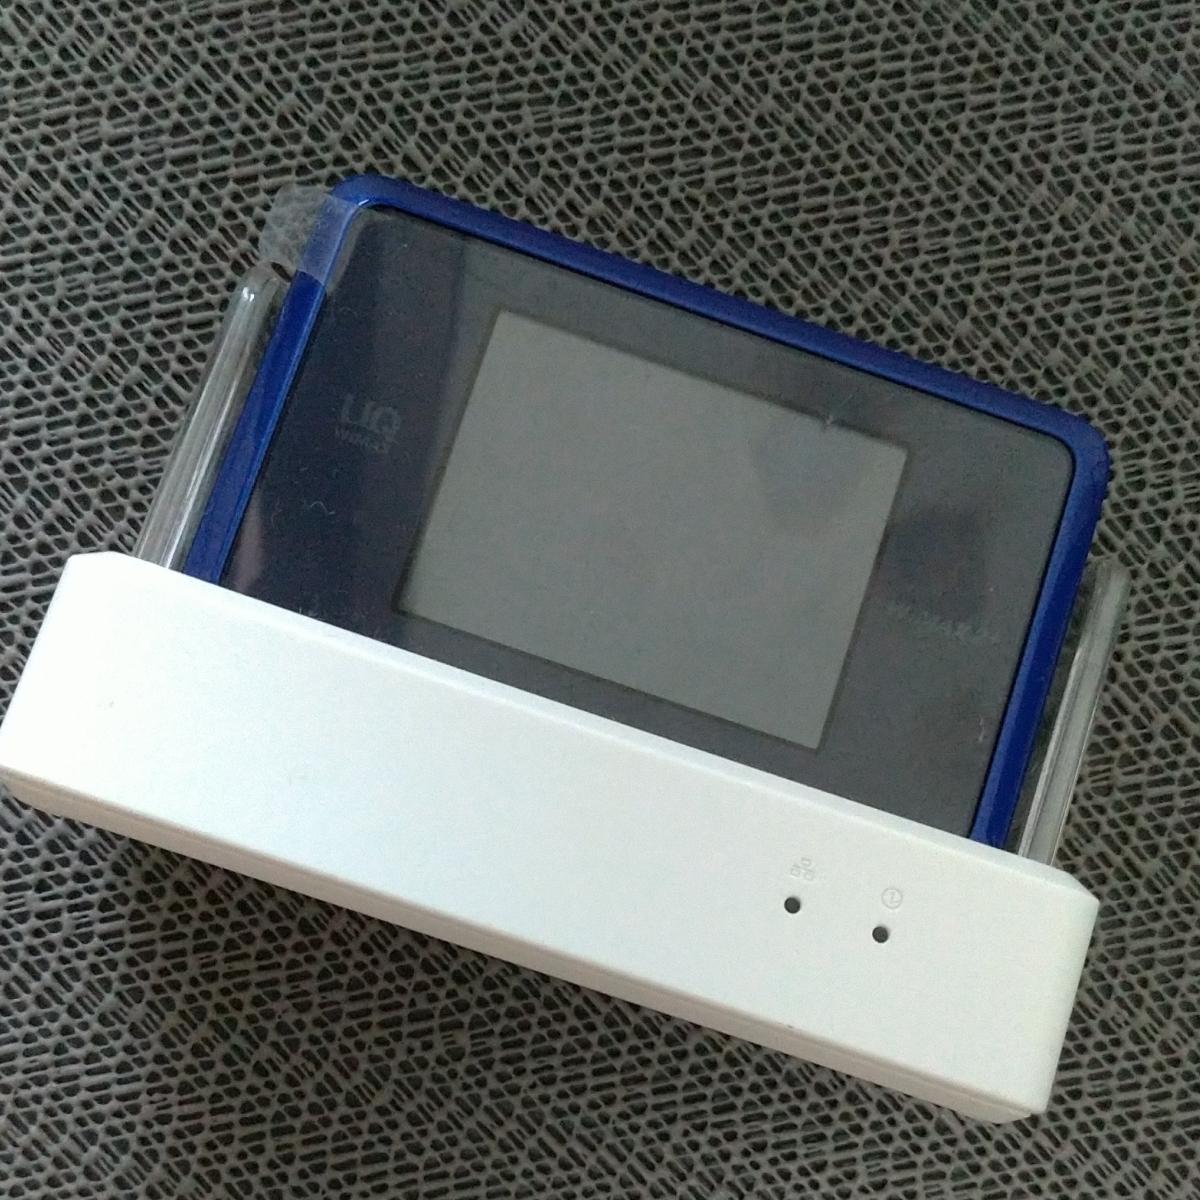 UQ WiMAX SPEED Wi-Fi NEXT WX03 クレードル WiMAX2 NEC 製